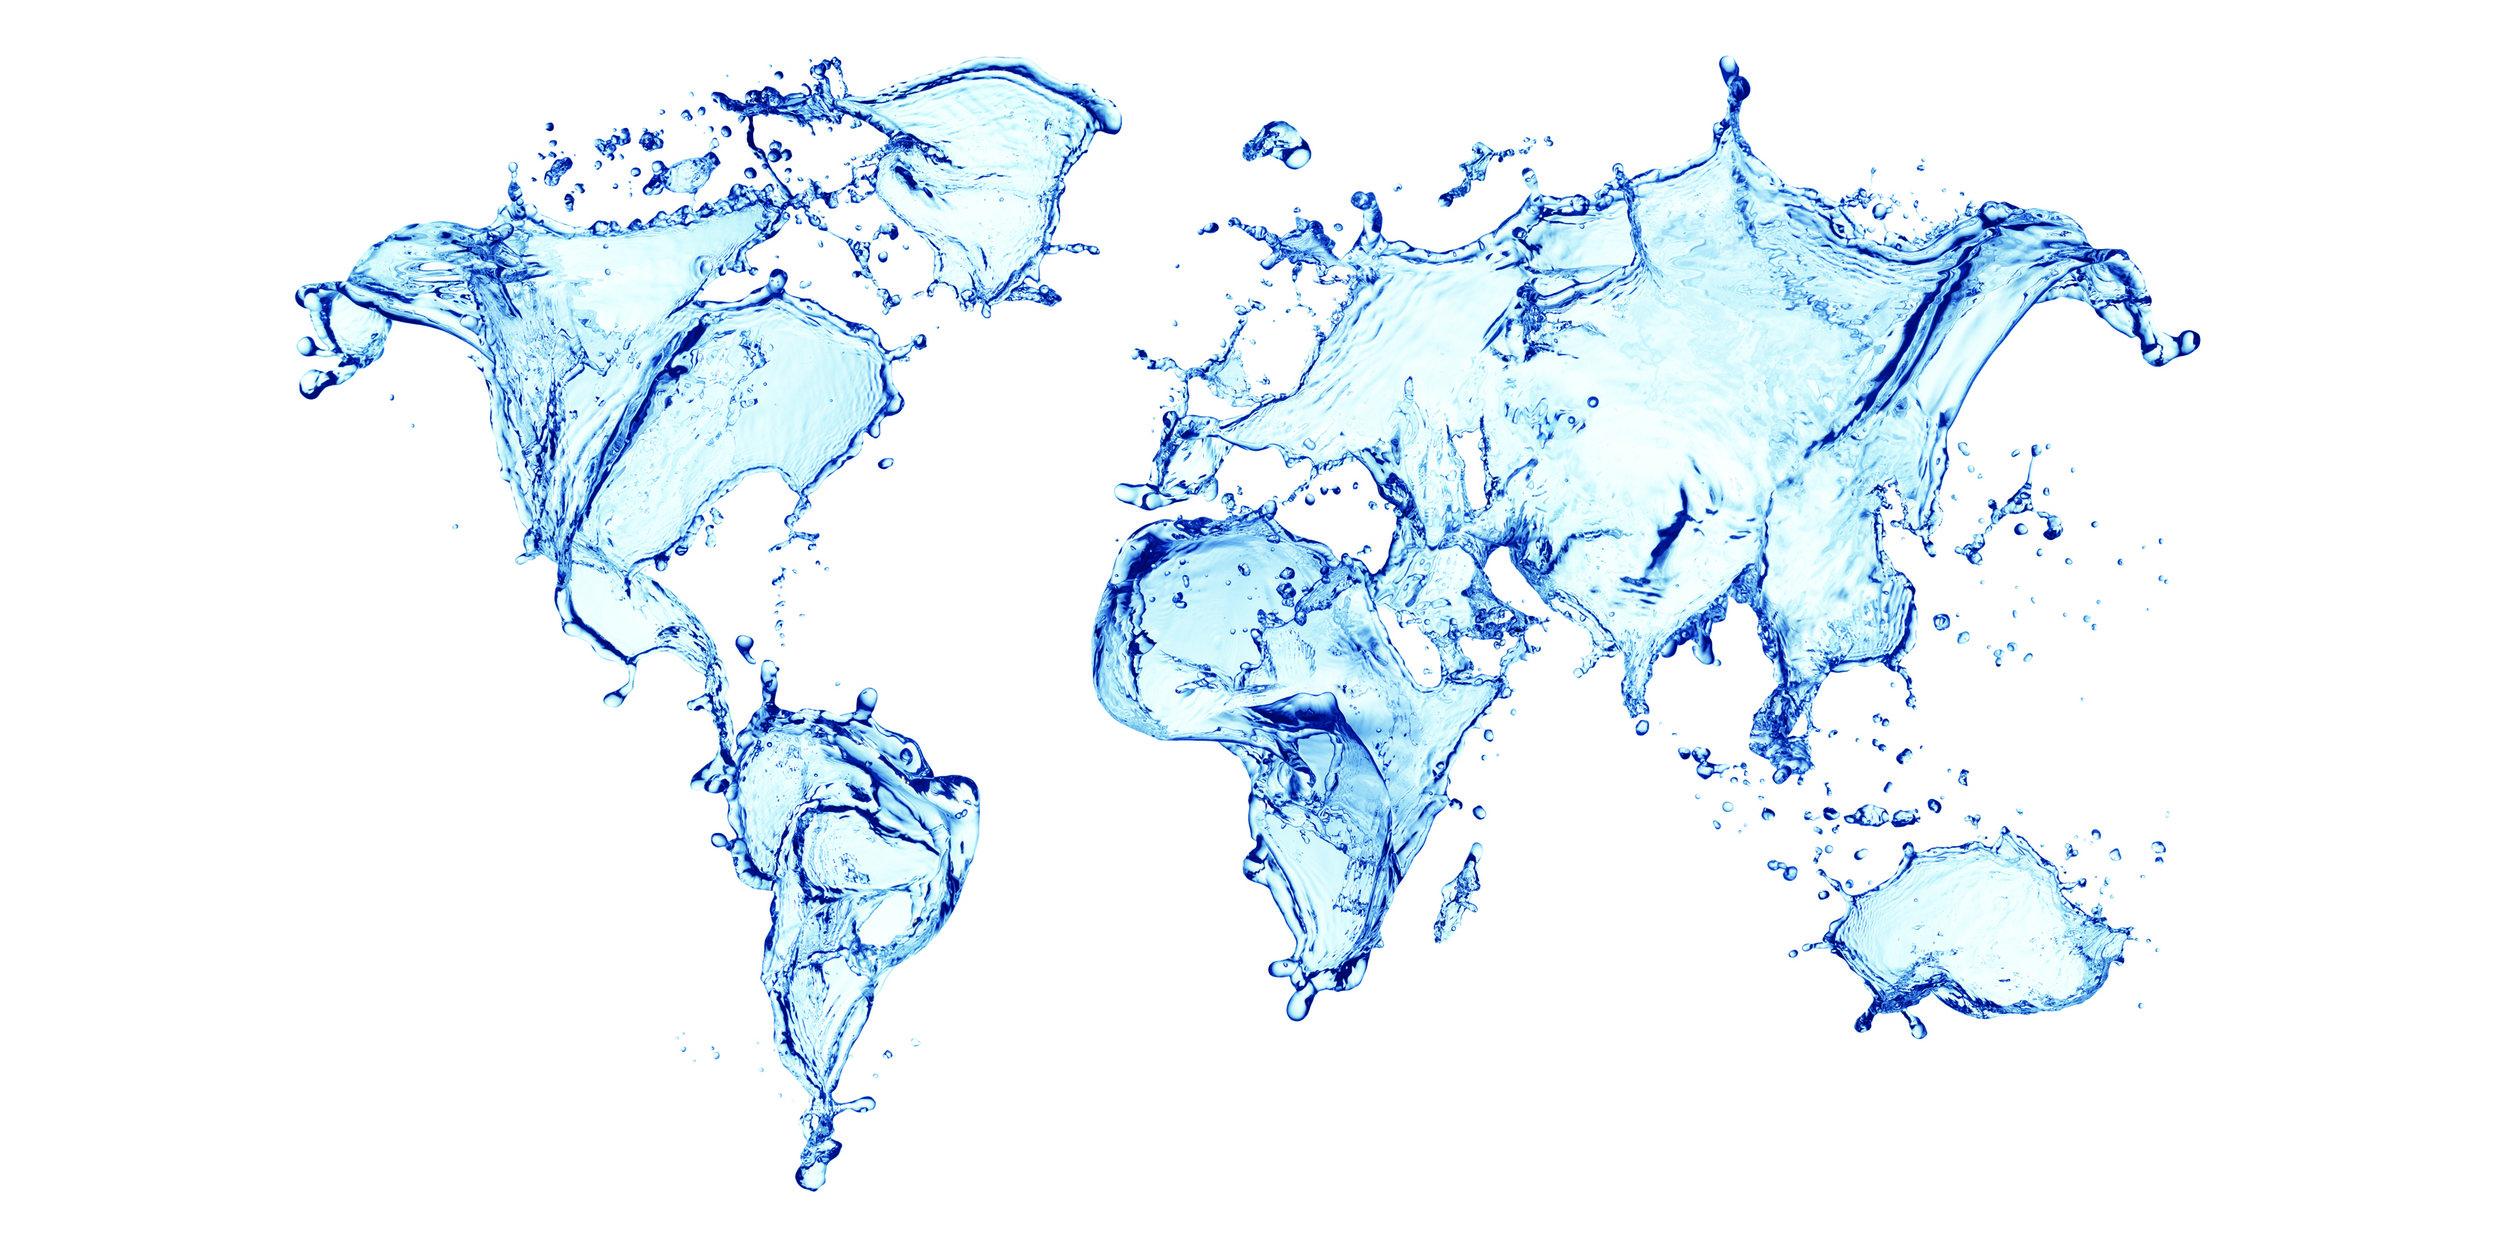 WorldofWater.jpg